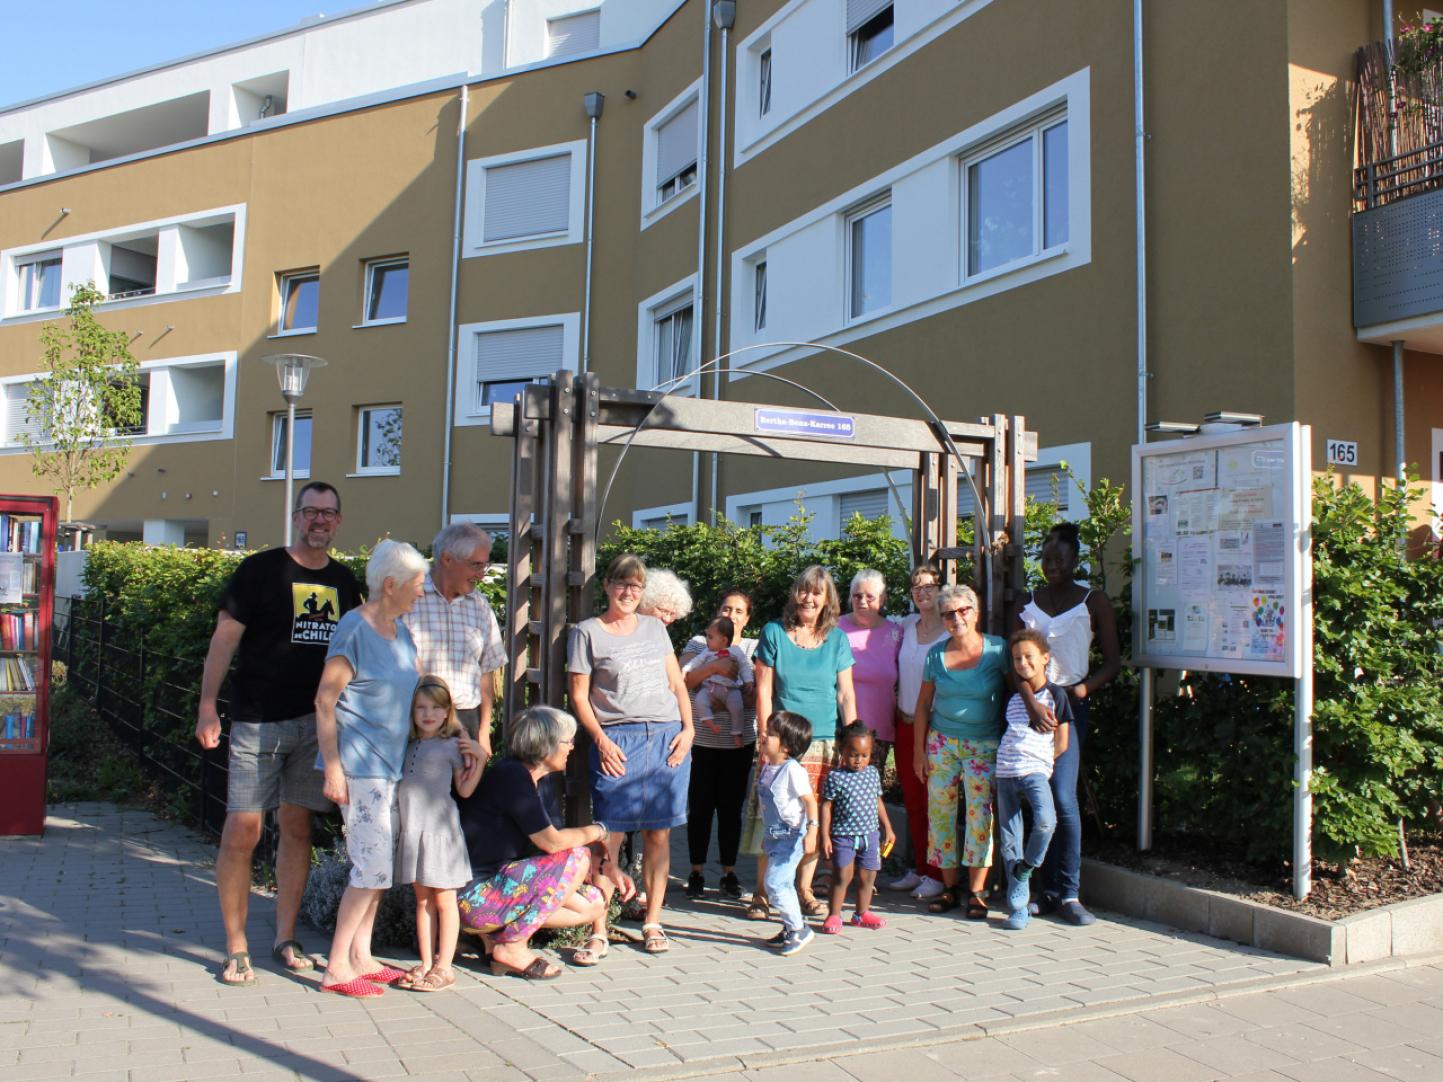 Wohnprojekt Lebensräume in Balance e.V. – Treffen – vorgestellt bei bring-together